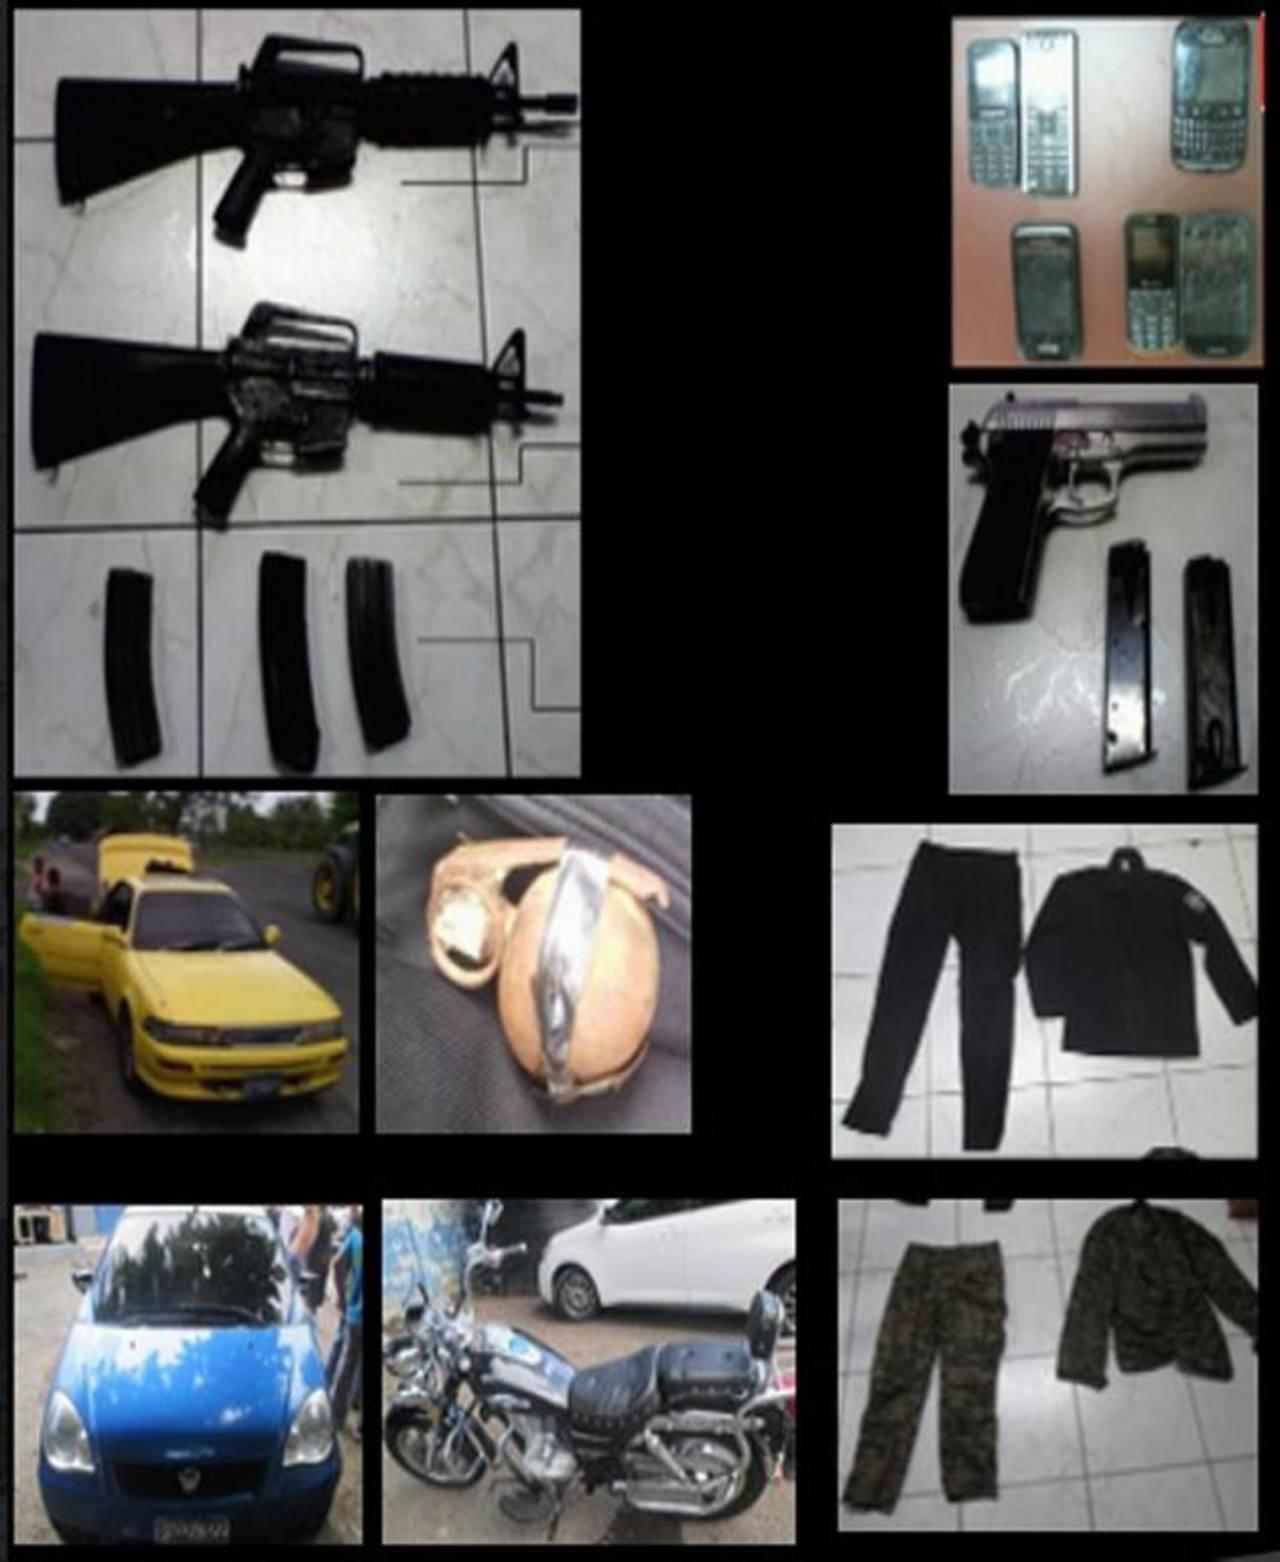 Parte del decomiso que realizaron los fiscales antiextorsión a los 28 pandilleros de la 18, detenidos en la comunidad Las Palmas. Extorsionaban a 29 comerciantes. Foto cortesía FGR.